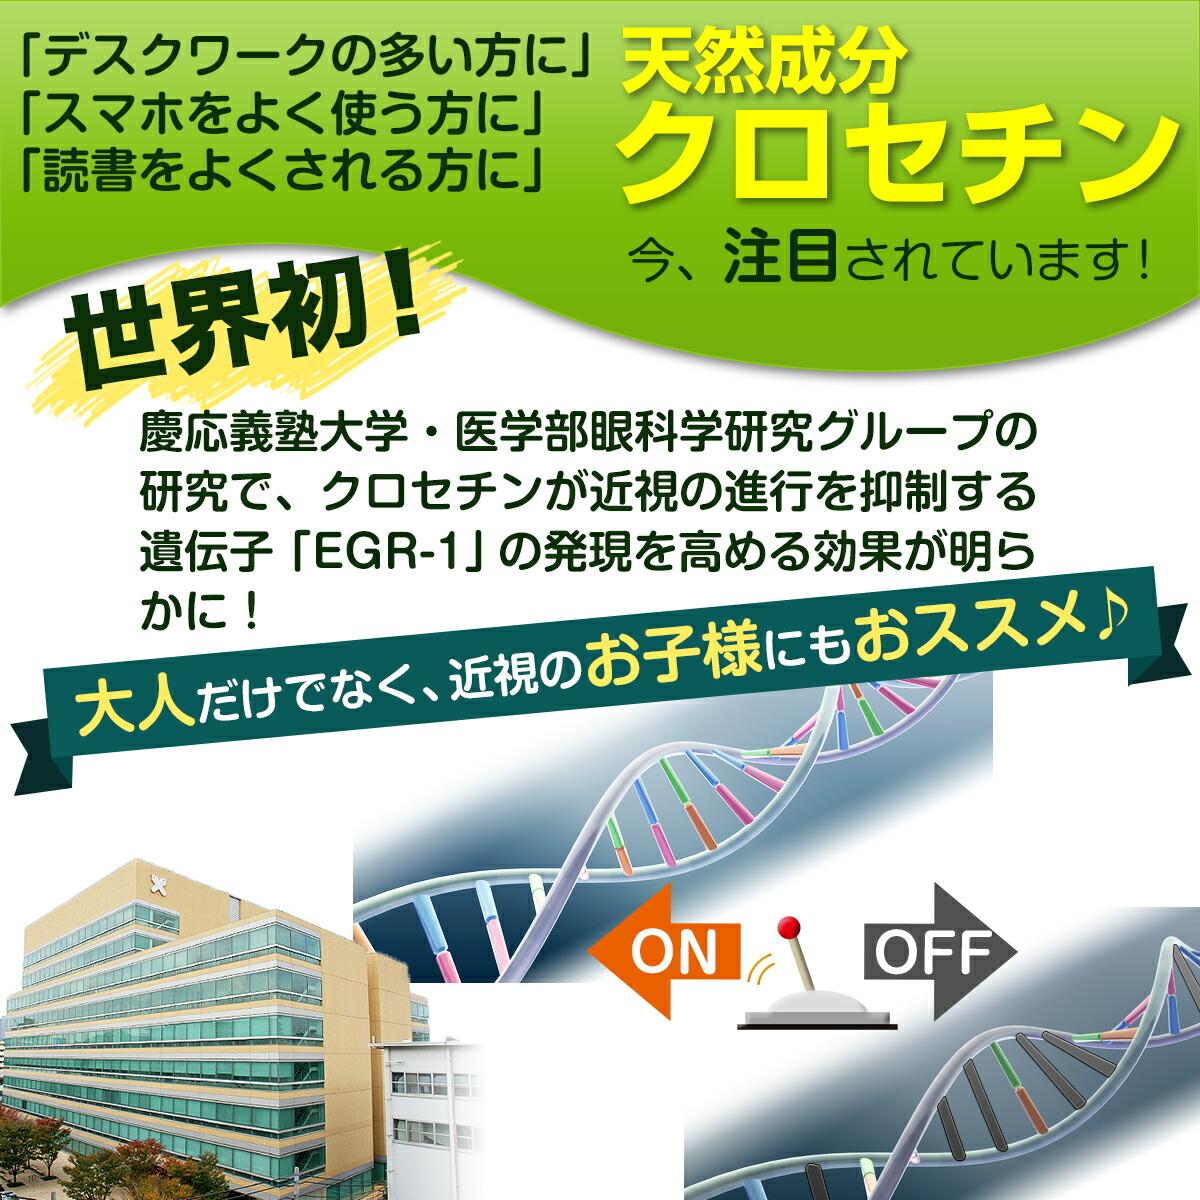 慶應義塾大学・医学部眼科学研究グループの研究